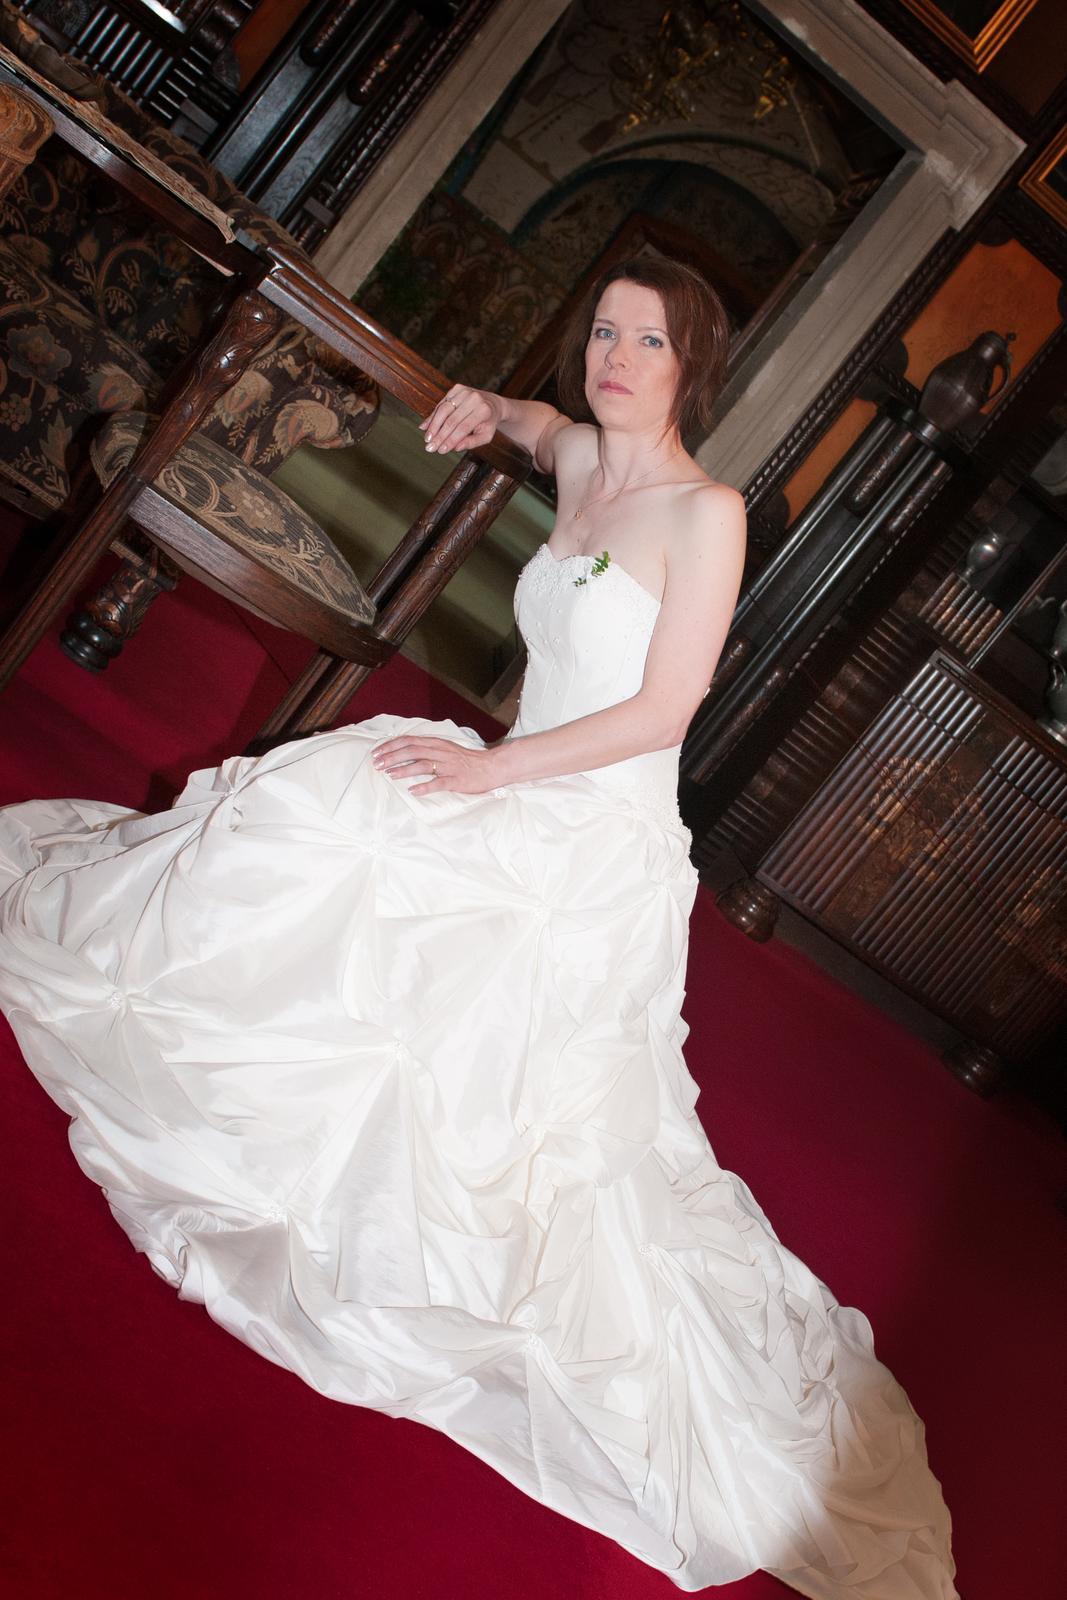 ad46030d5deb Svatební korzetové šaty champagne